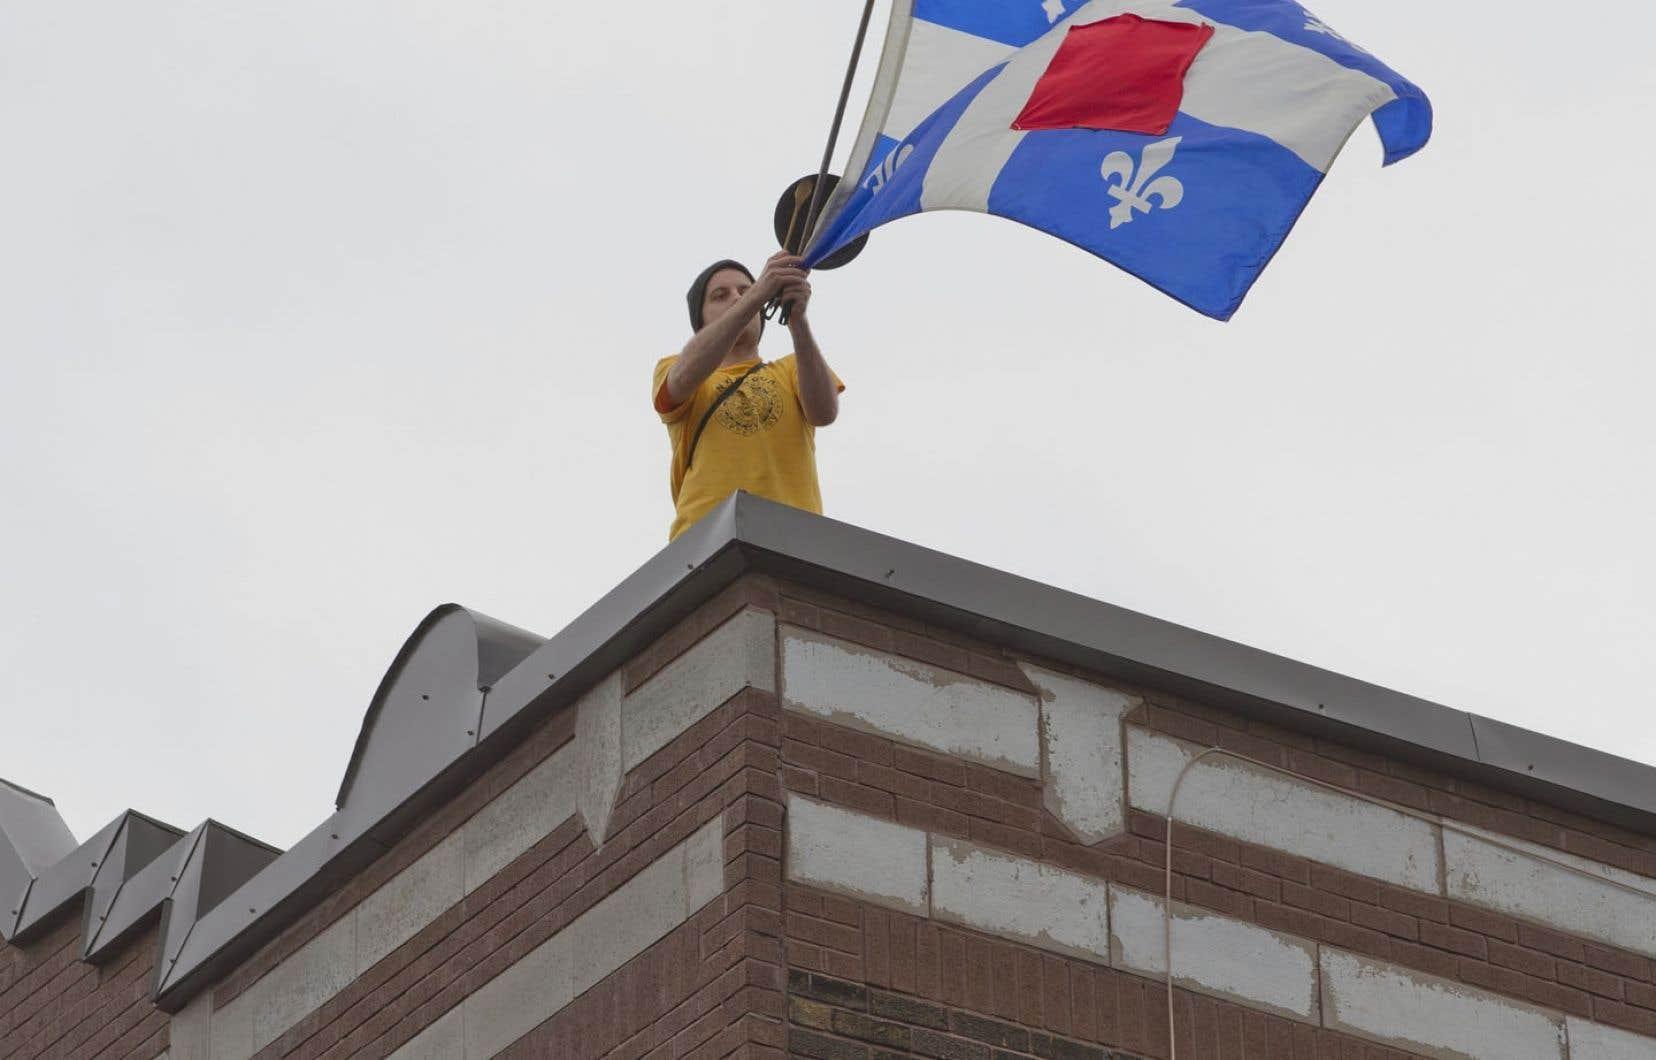 Le conflit étudiant qui a agité le Québec au printemps 2012 sera examiné sous la loupe d'une commission dirigée par l'ex-ministre Serge Ménard.